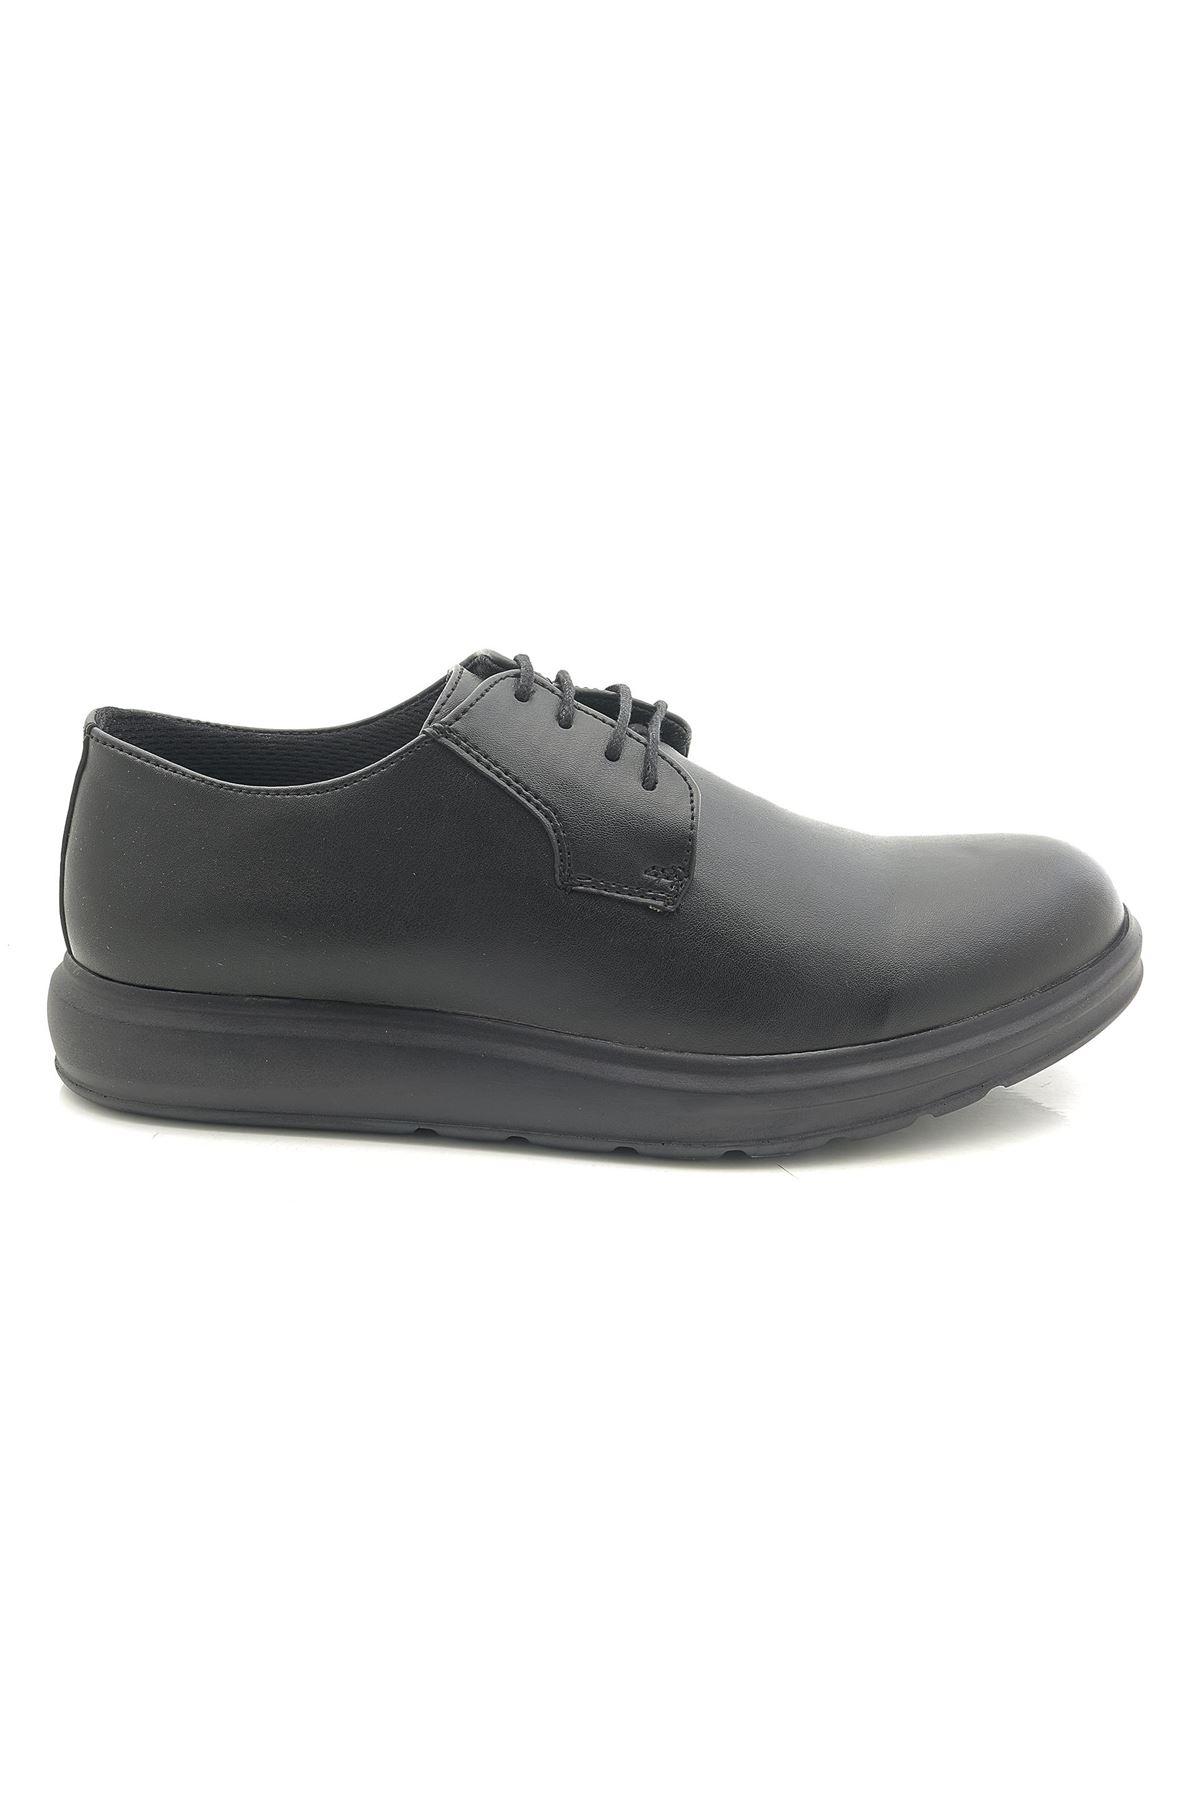 Conteyner Yüksek Taban Günlük Erkek Ayakkabı